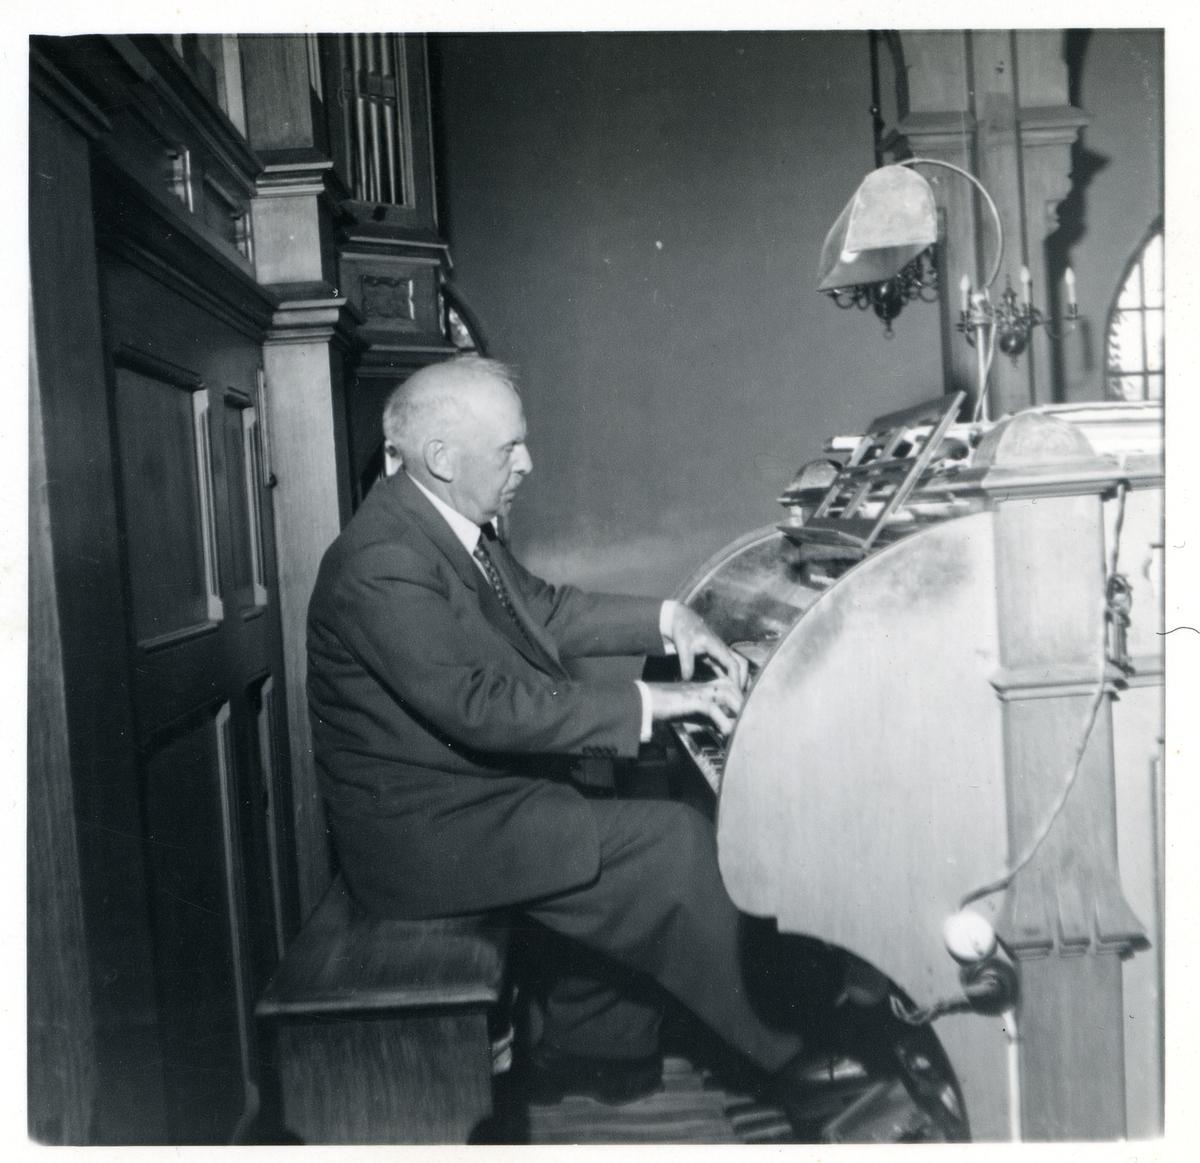 Portrett av en eldre mann som spiller på et orgel. Mannen er iført dress og slips.